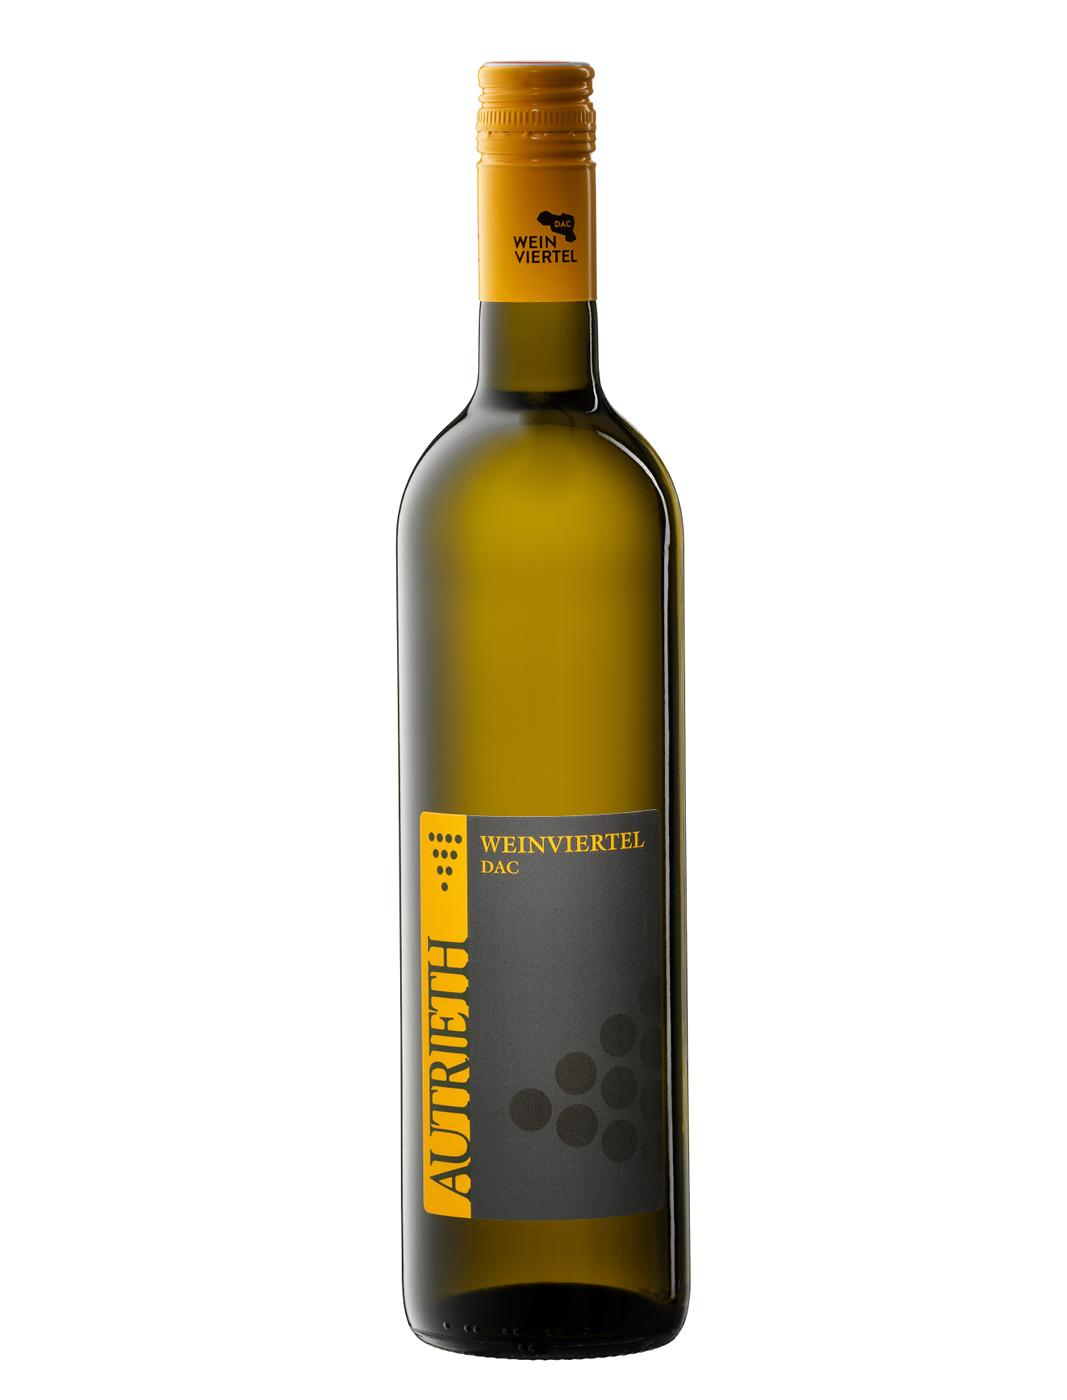 Weinviertel DAC Grüner Veltliner 2019